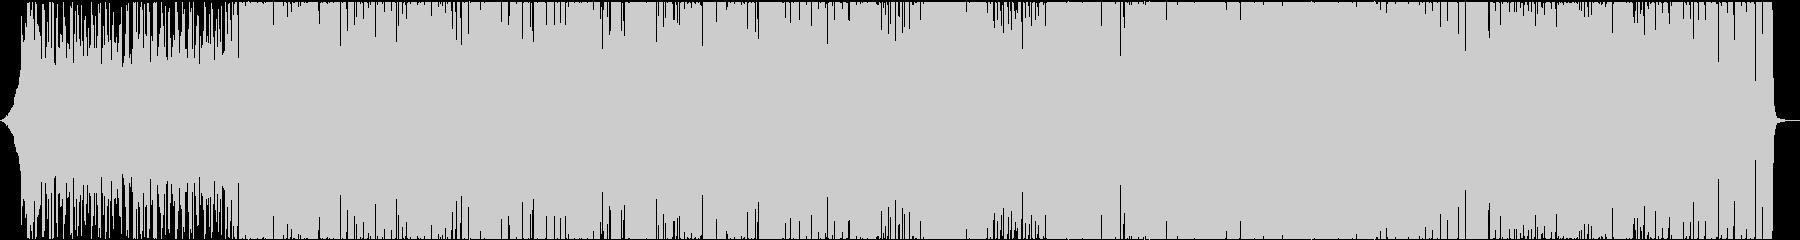 ファンキーエレクトロの未再生の波形